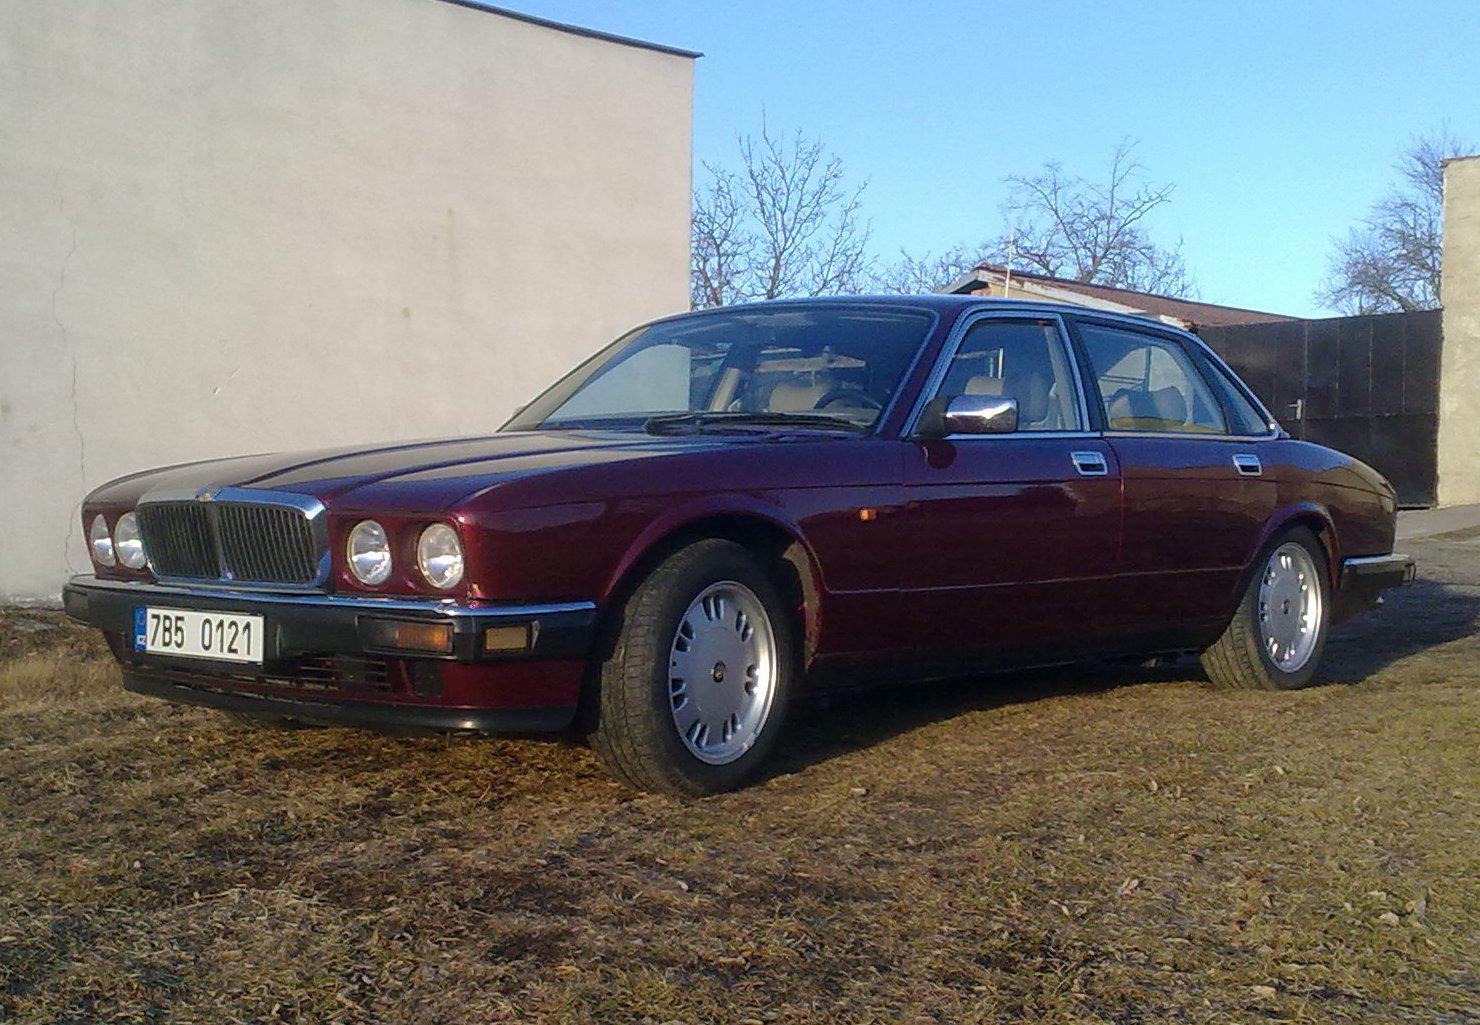 1994 Jaguar XJ40 XJ6 3.2 (198 cui) gasoline 149 kW 287 Nm